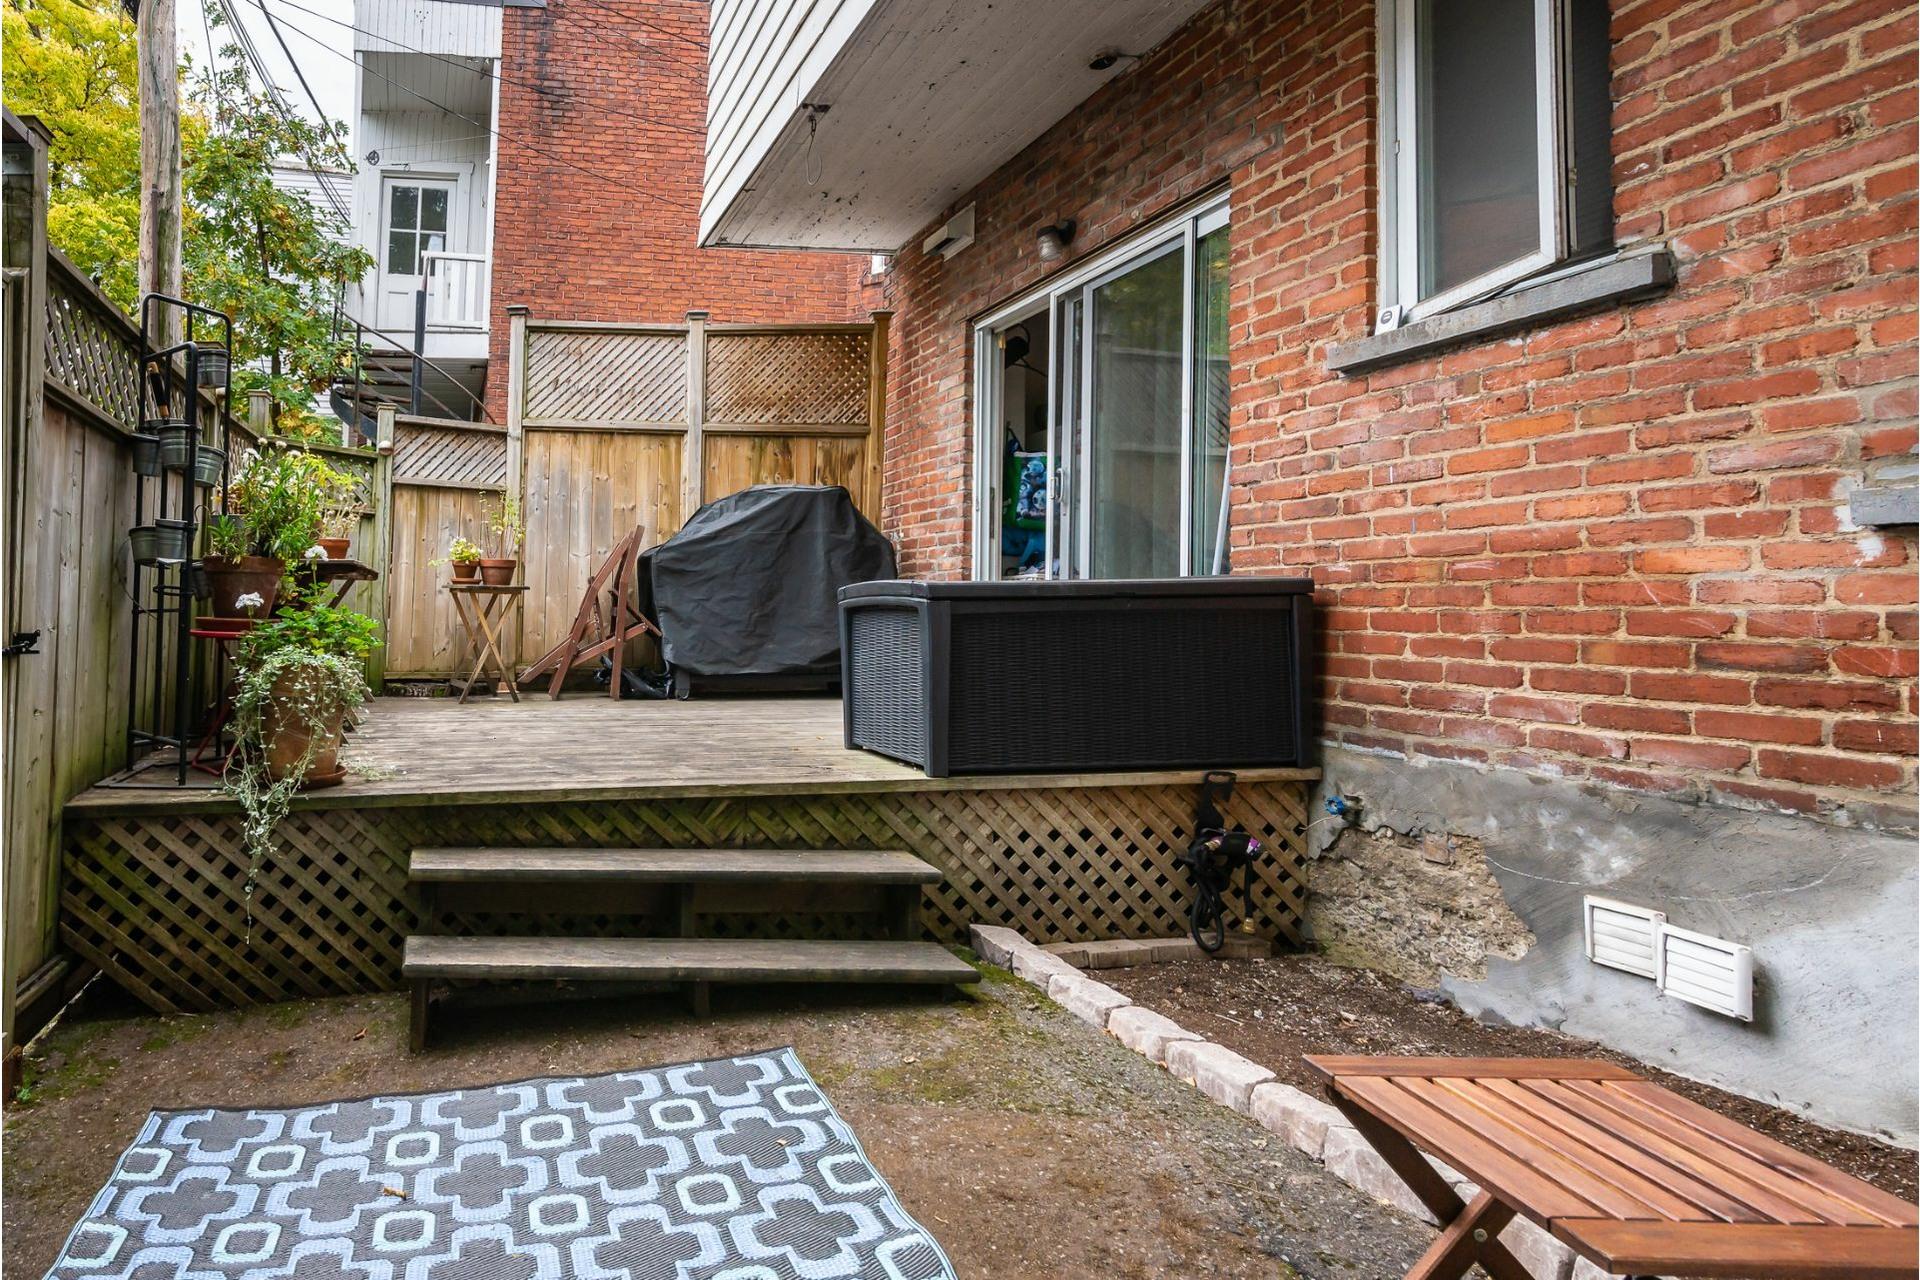 image 23 - Duplex À vendre Côte-des-Neiges/Notre-Dame-de-Grâce Montréal  - 5 pièces